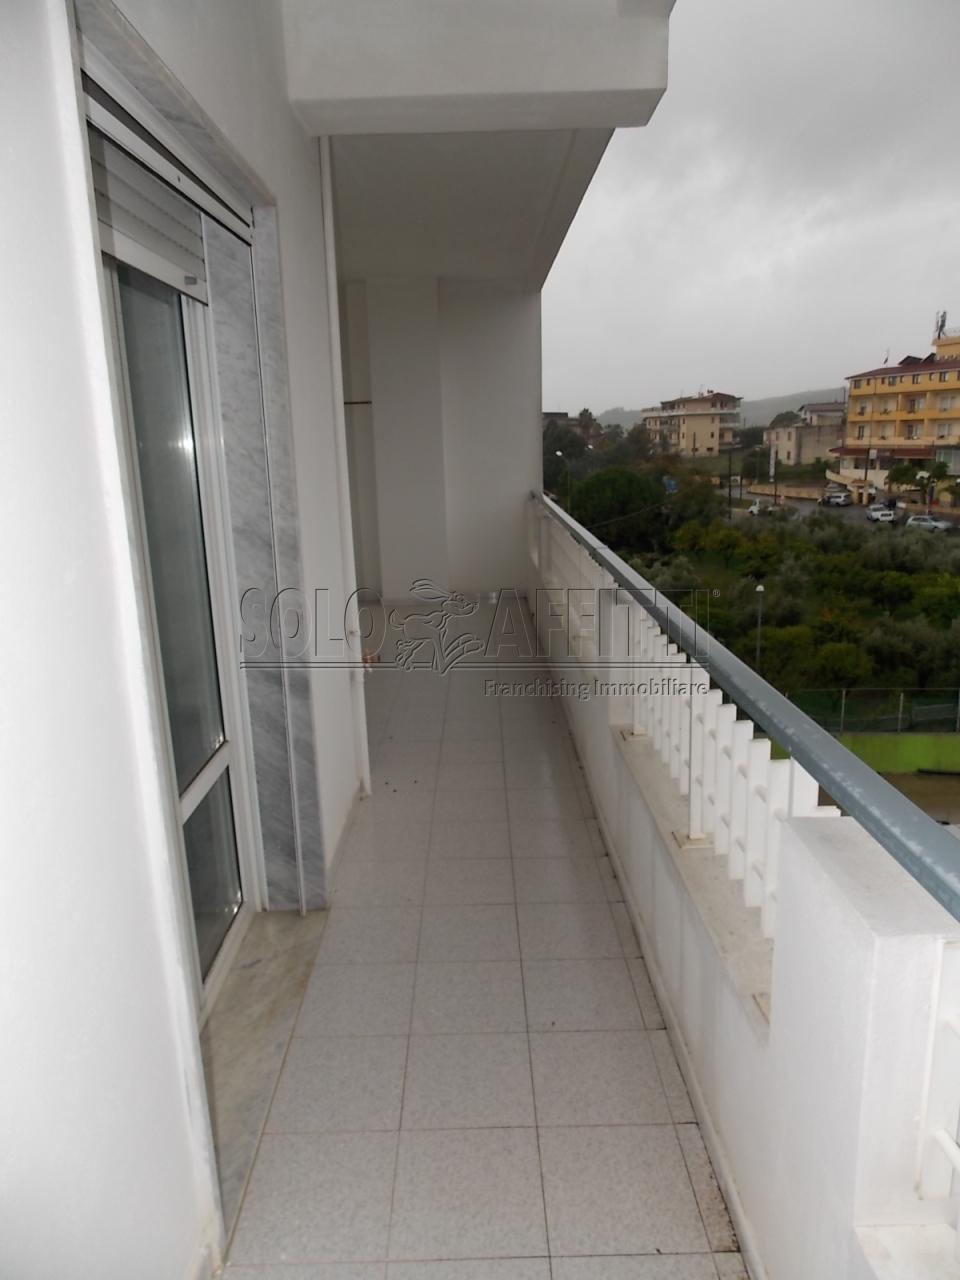 Affitto appartamento bilocale arredato 60 mq for Appartamento arredato affitto villaverla